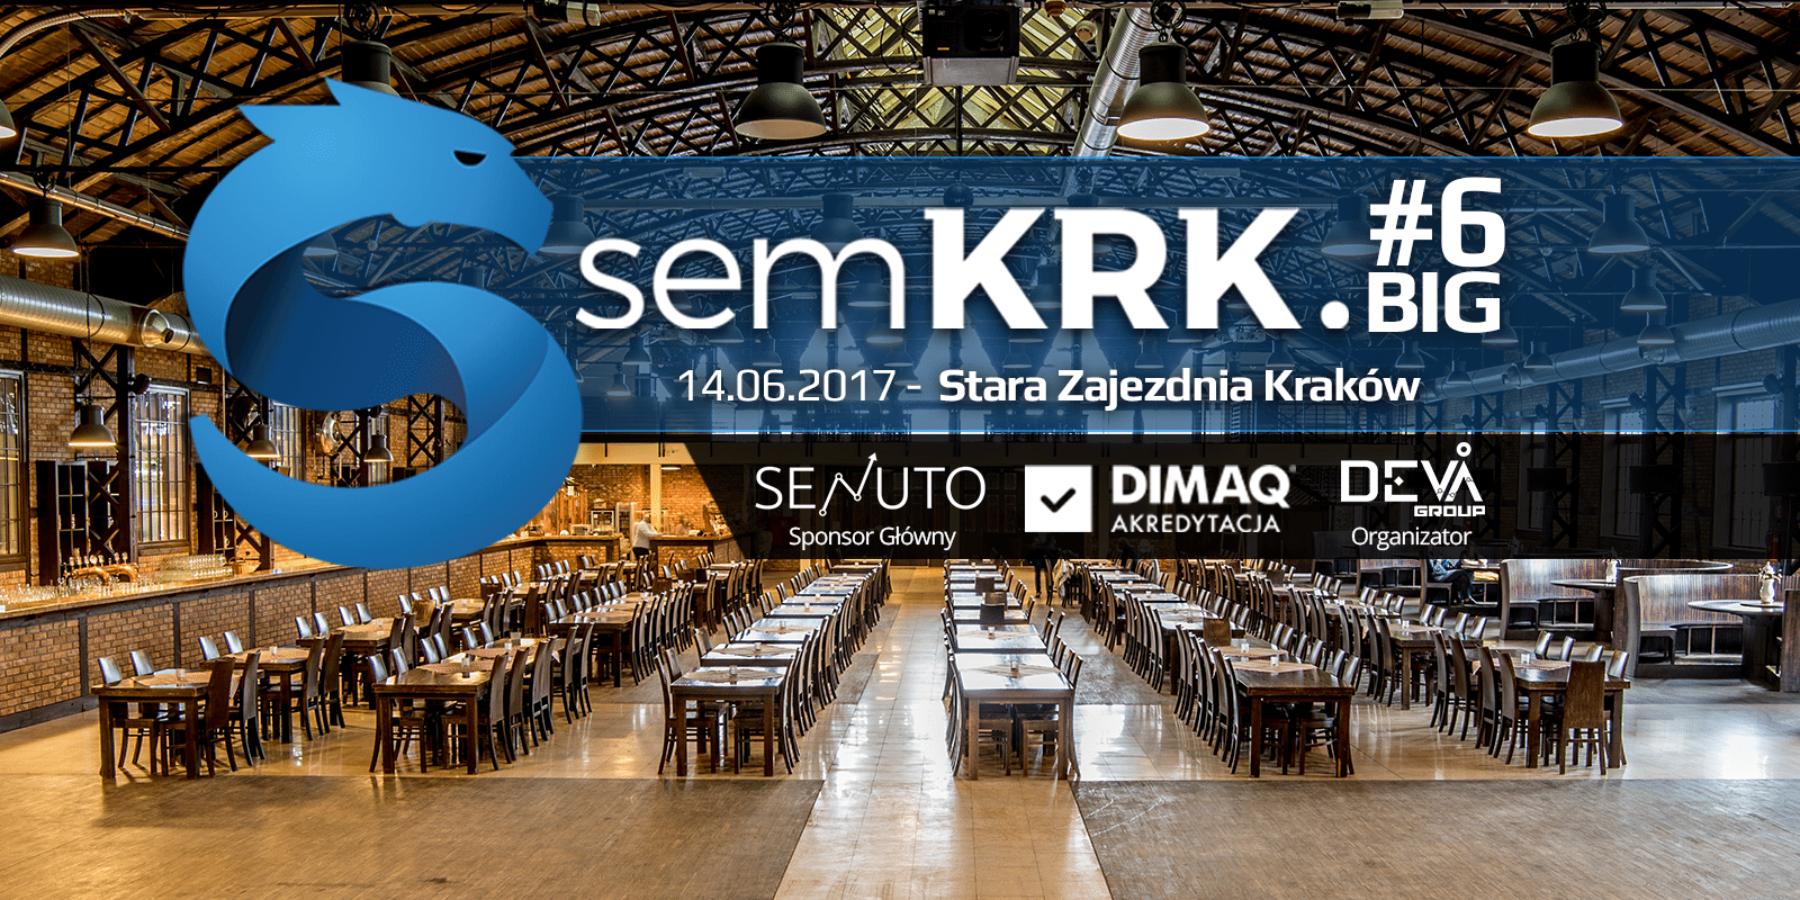 Już 14 czerwca 2017 odbędzie się semKRK!